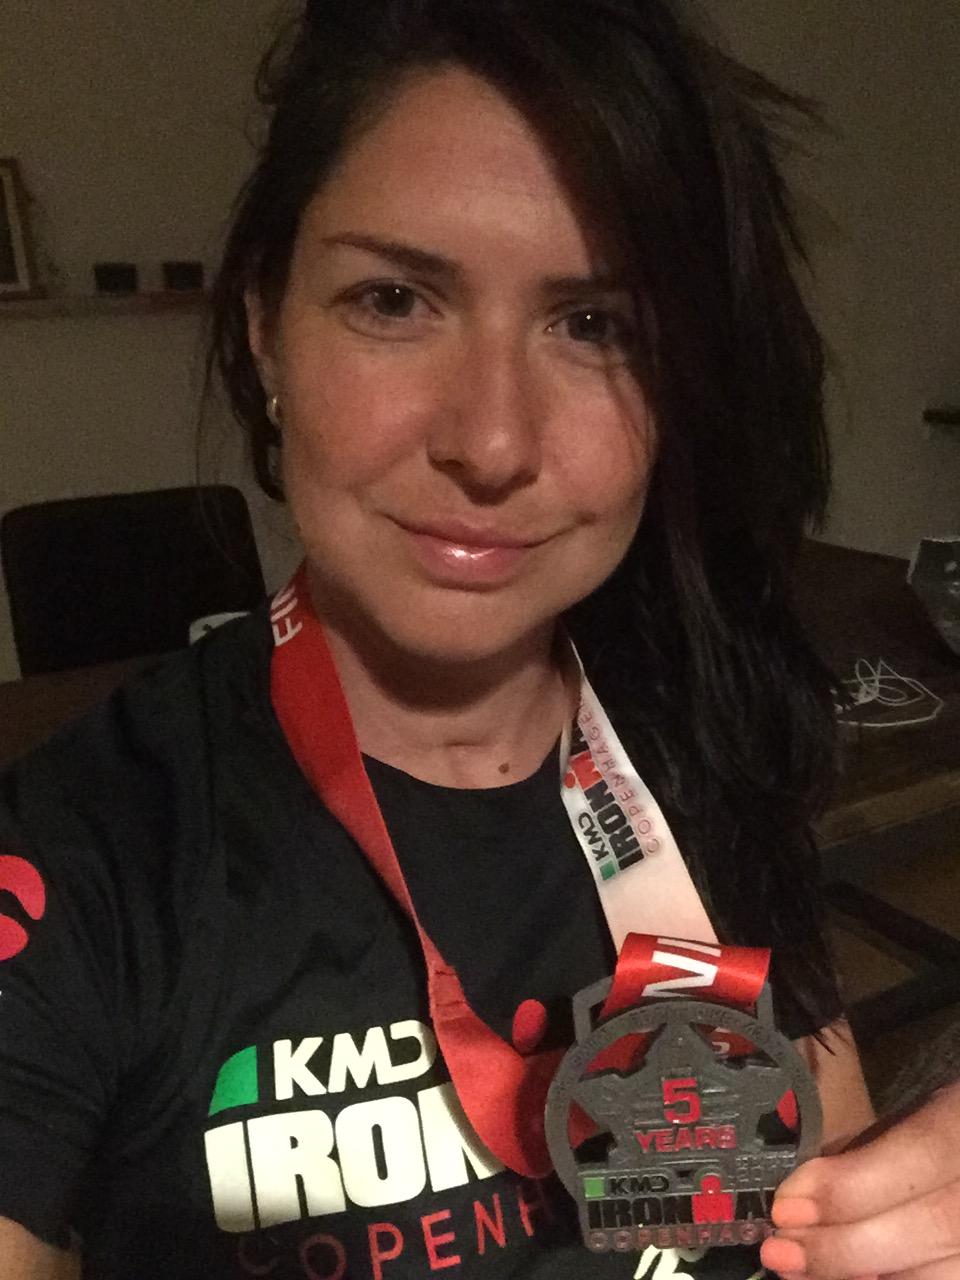 Медаль Ironman Copenhagen